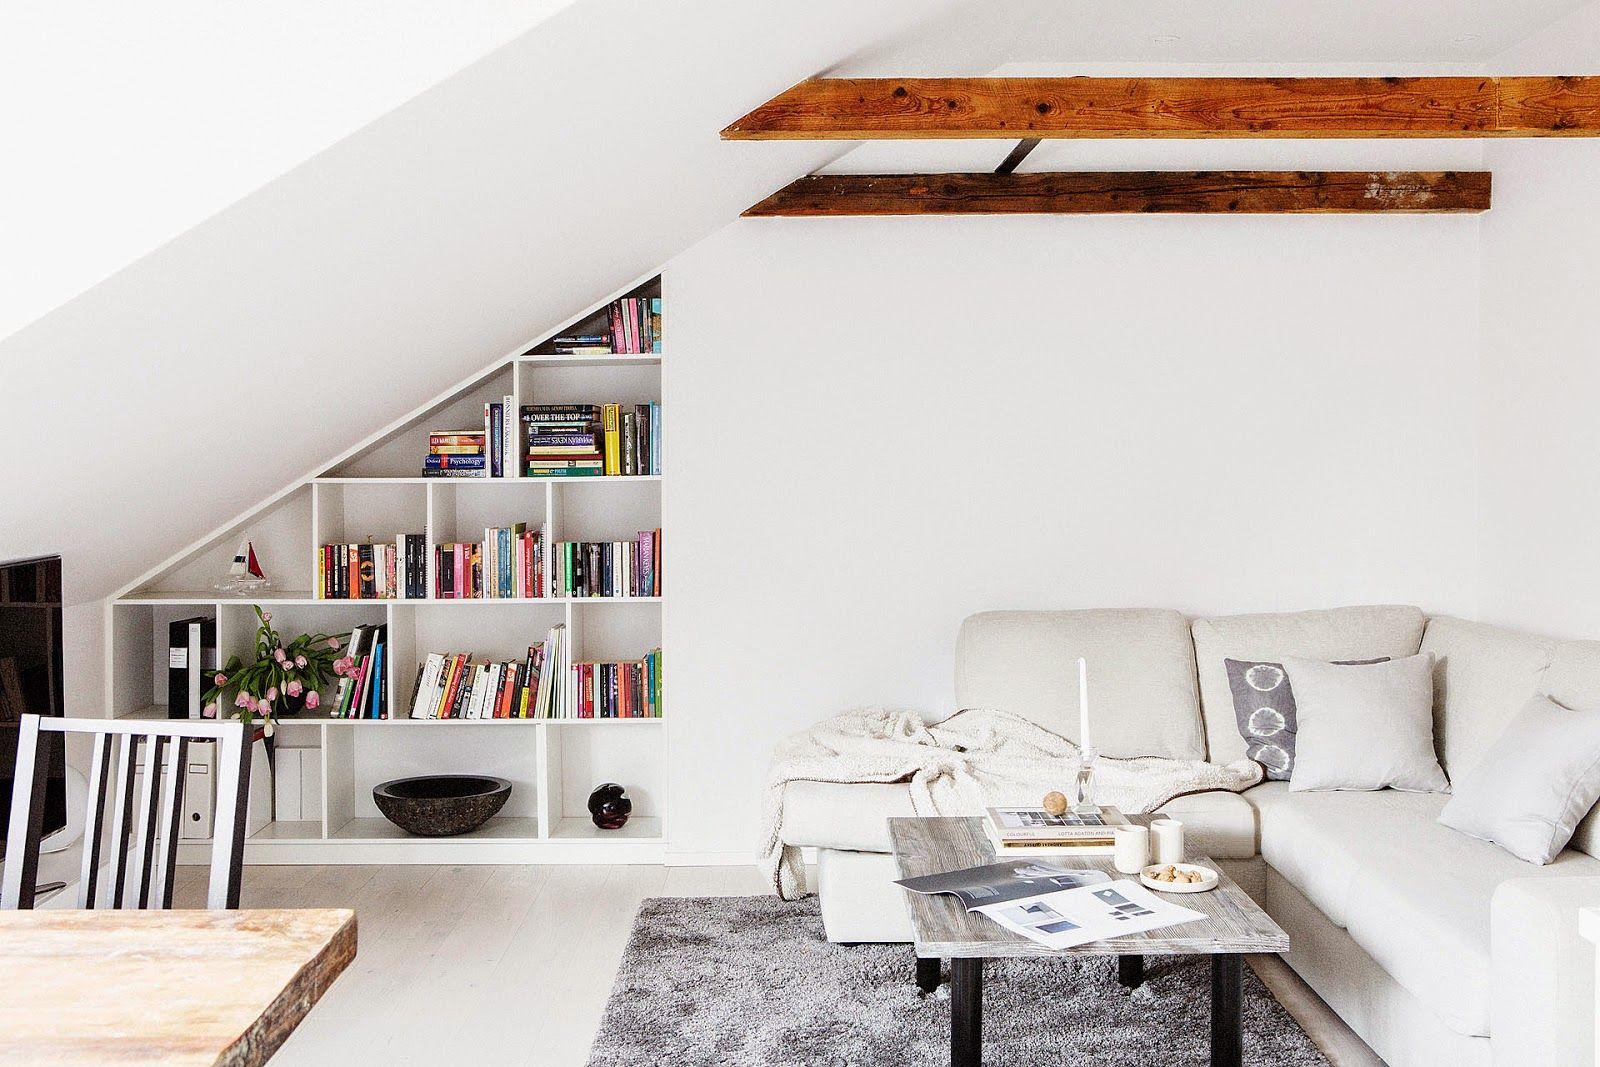 Il sottotetto, come recuperarlo | Home \u0026 Room Deco | Pinterest ...